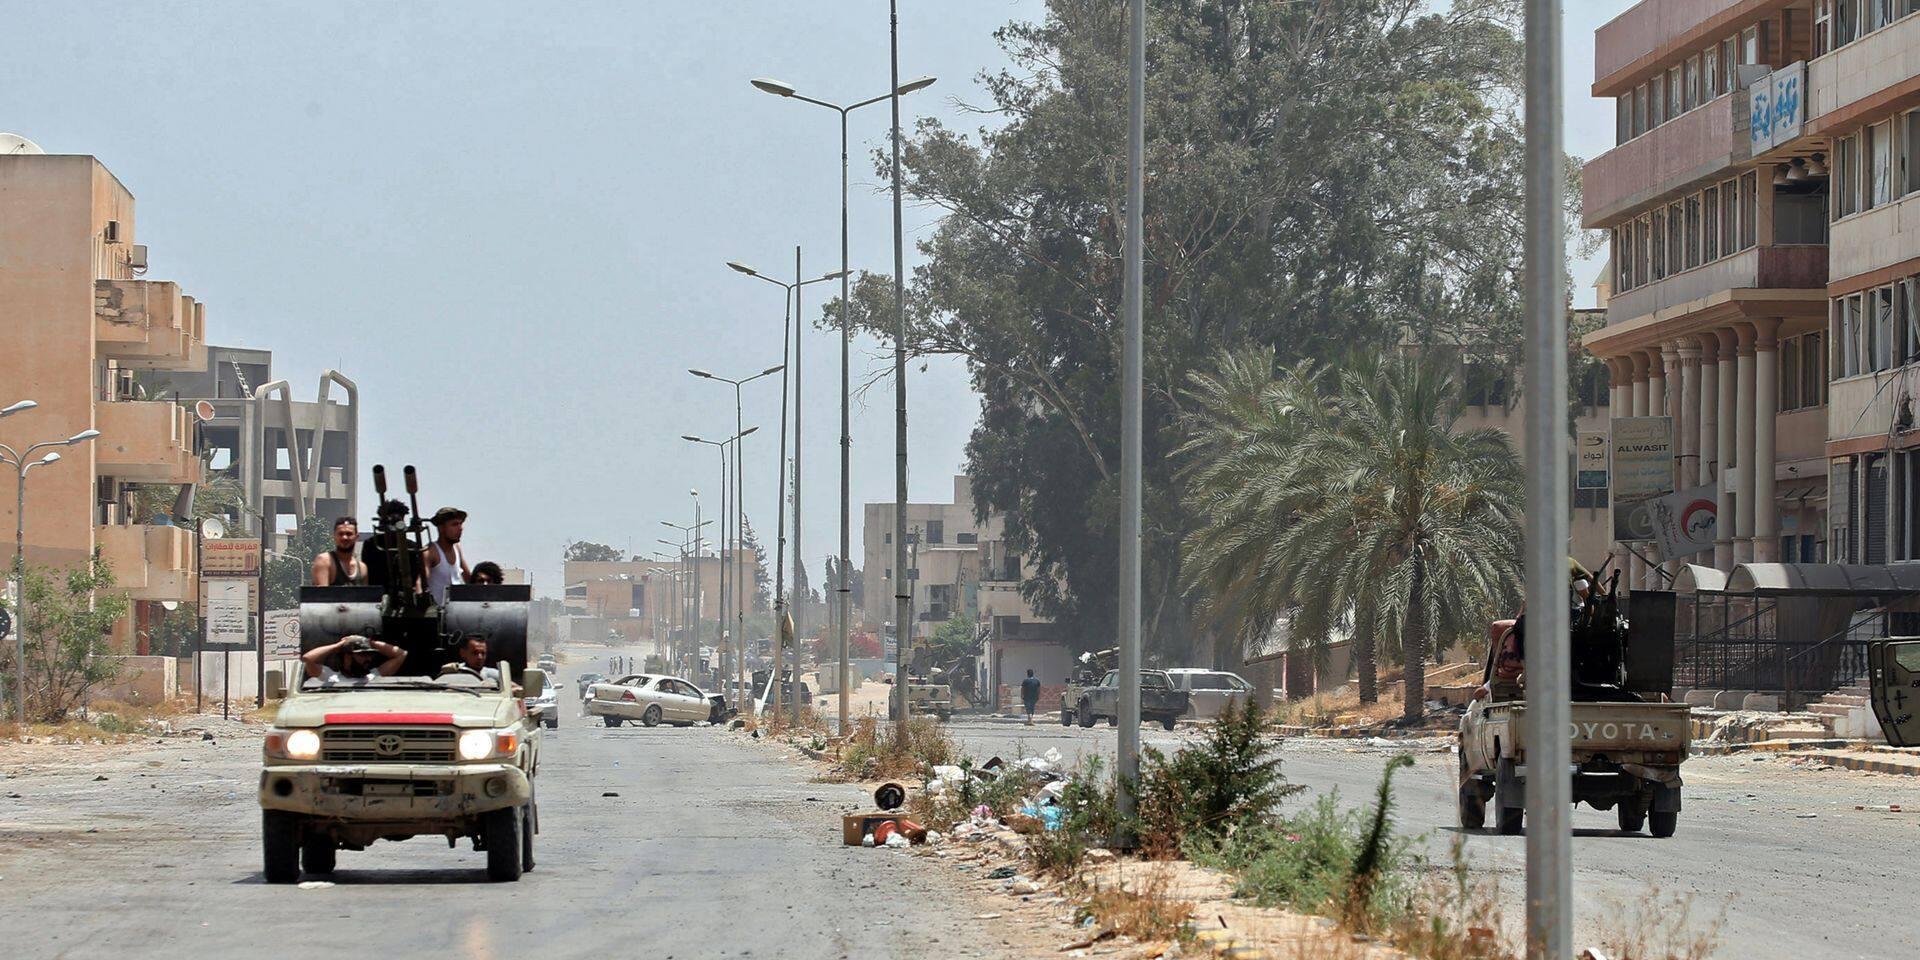 Conflit en Libye: le maréchal Haftar d'accord pour un cessez-le-feu à partir de lundi